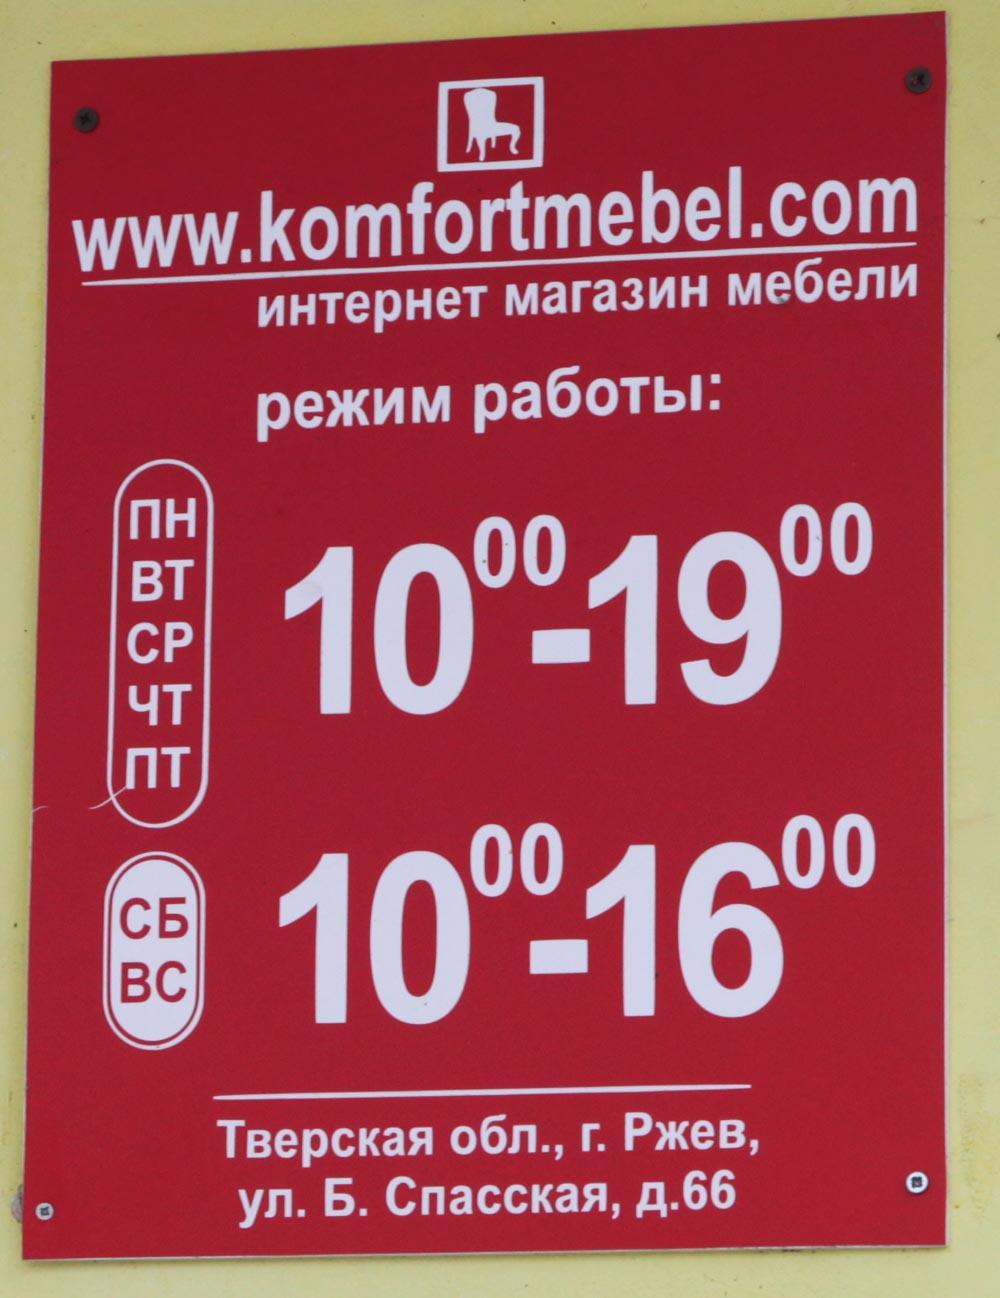 Мебель Ржев Интернет Магазин